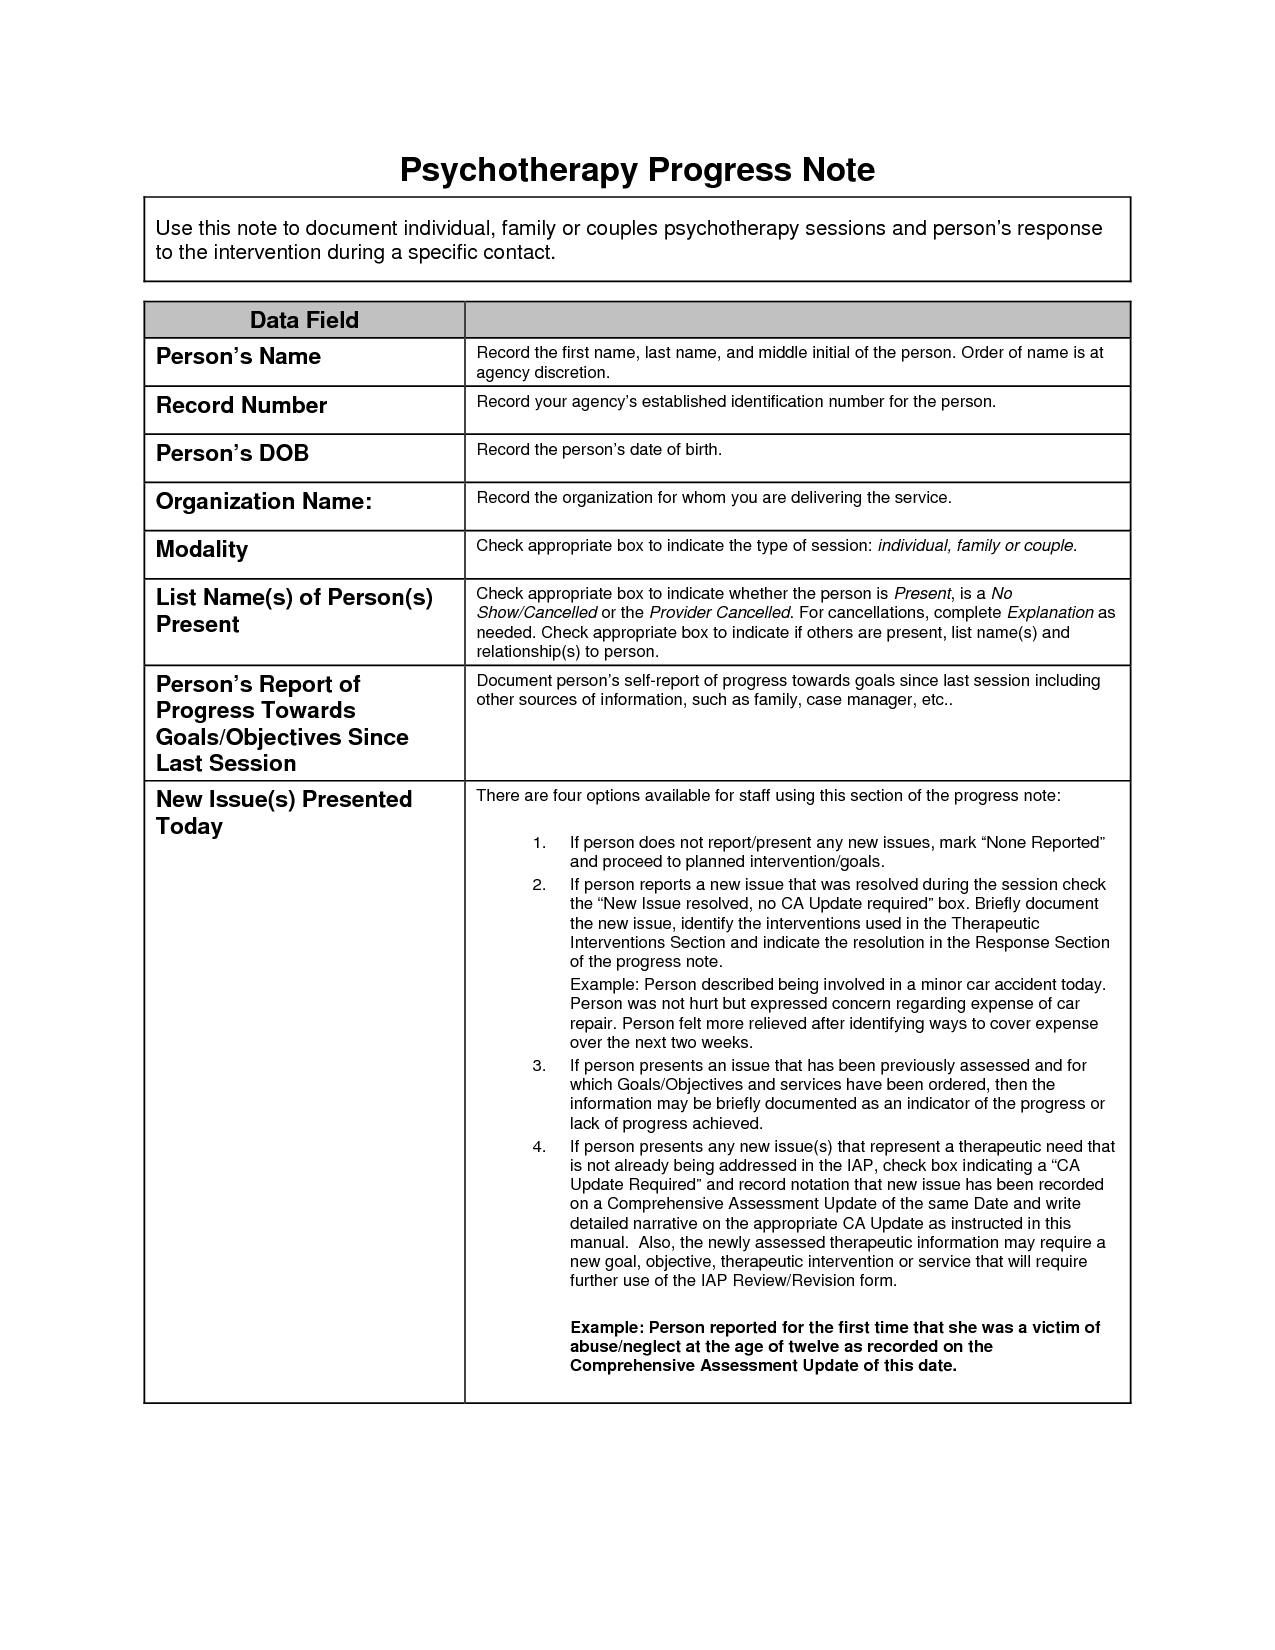 Soap notes case management pdf